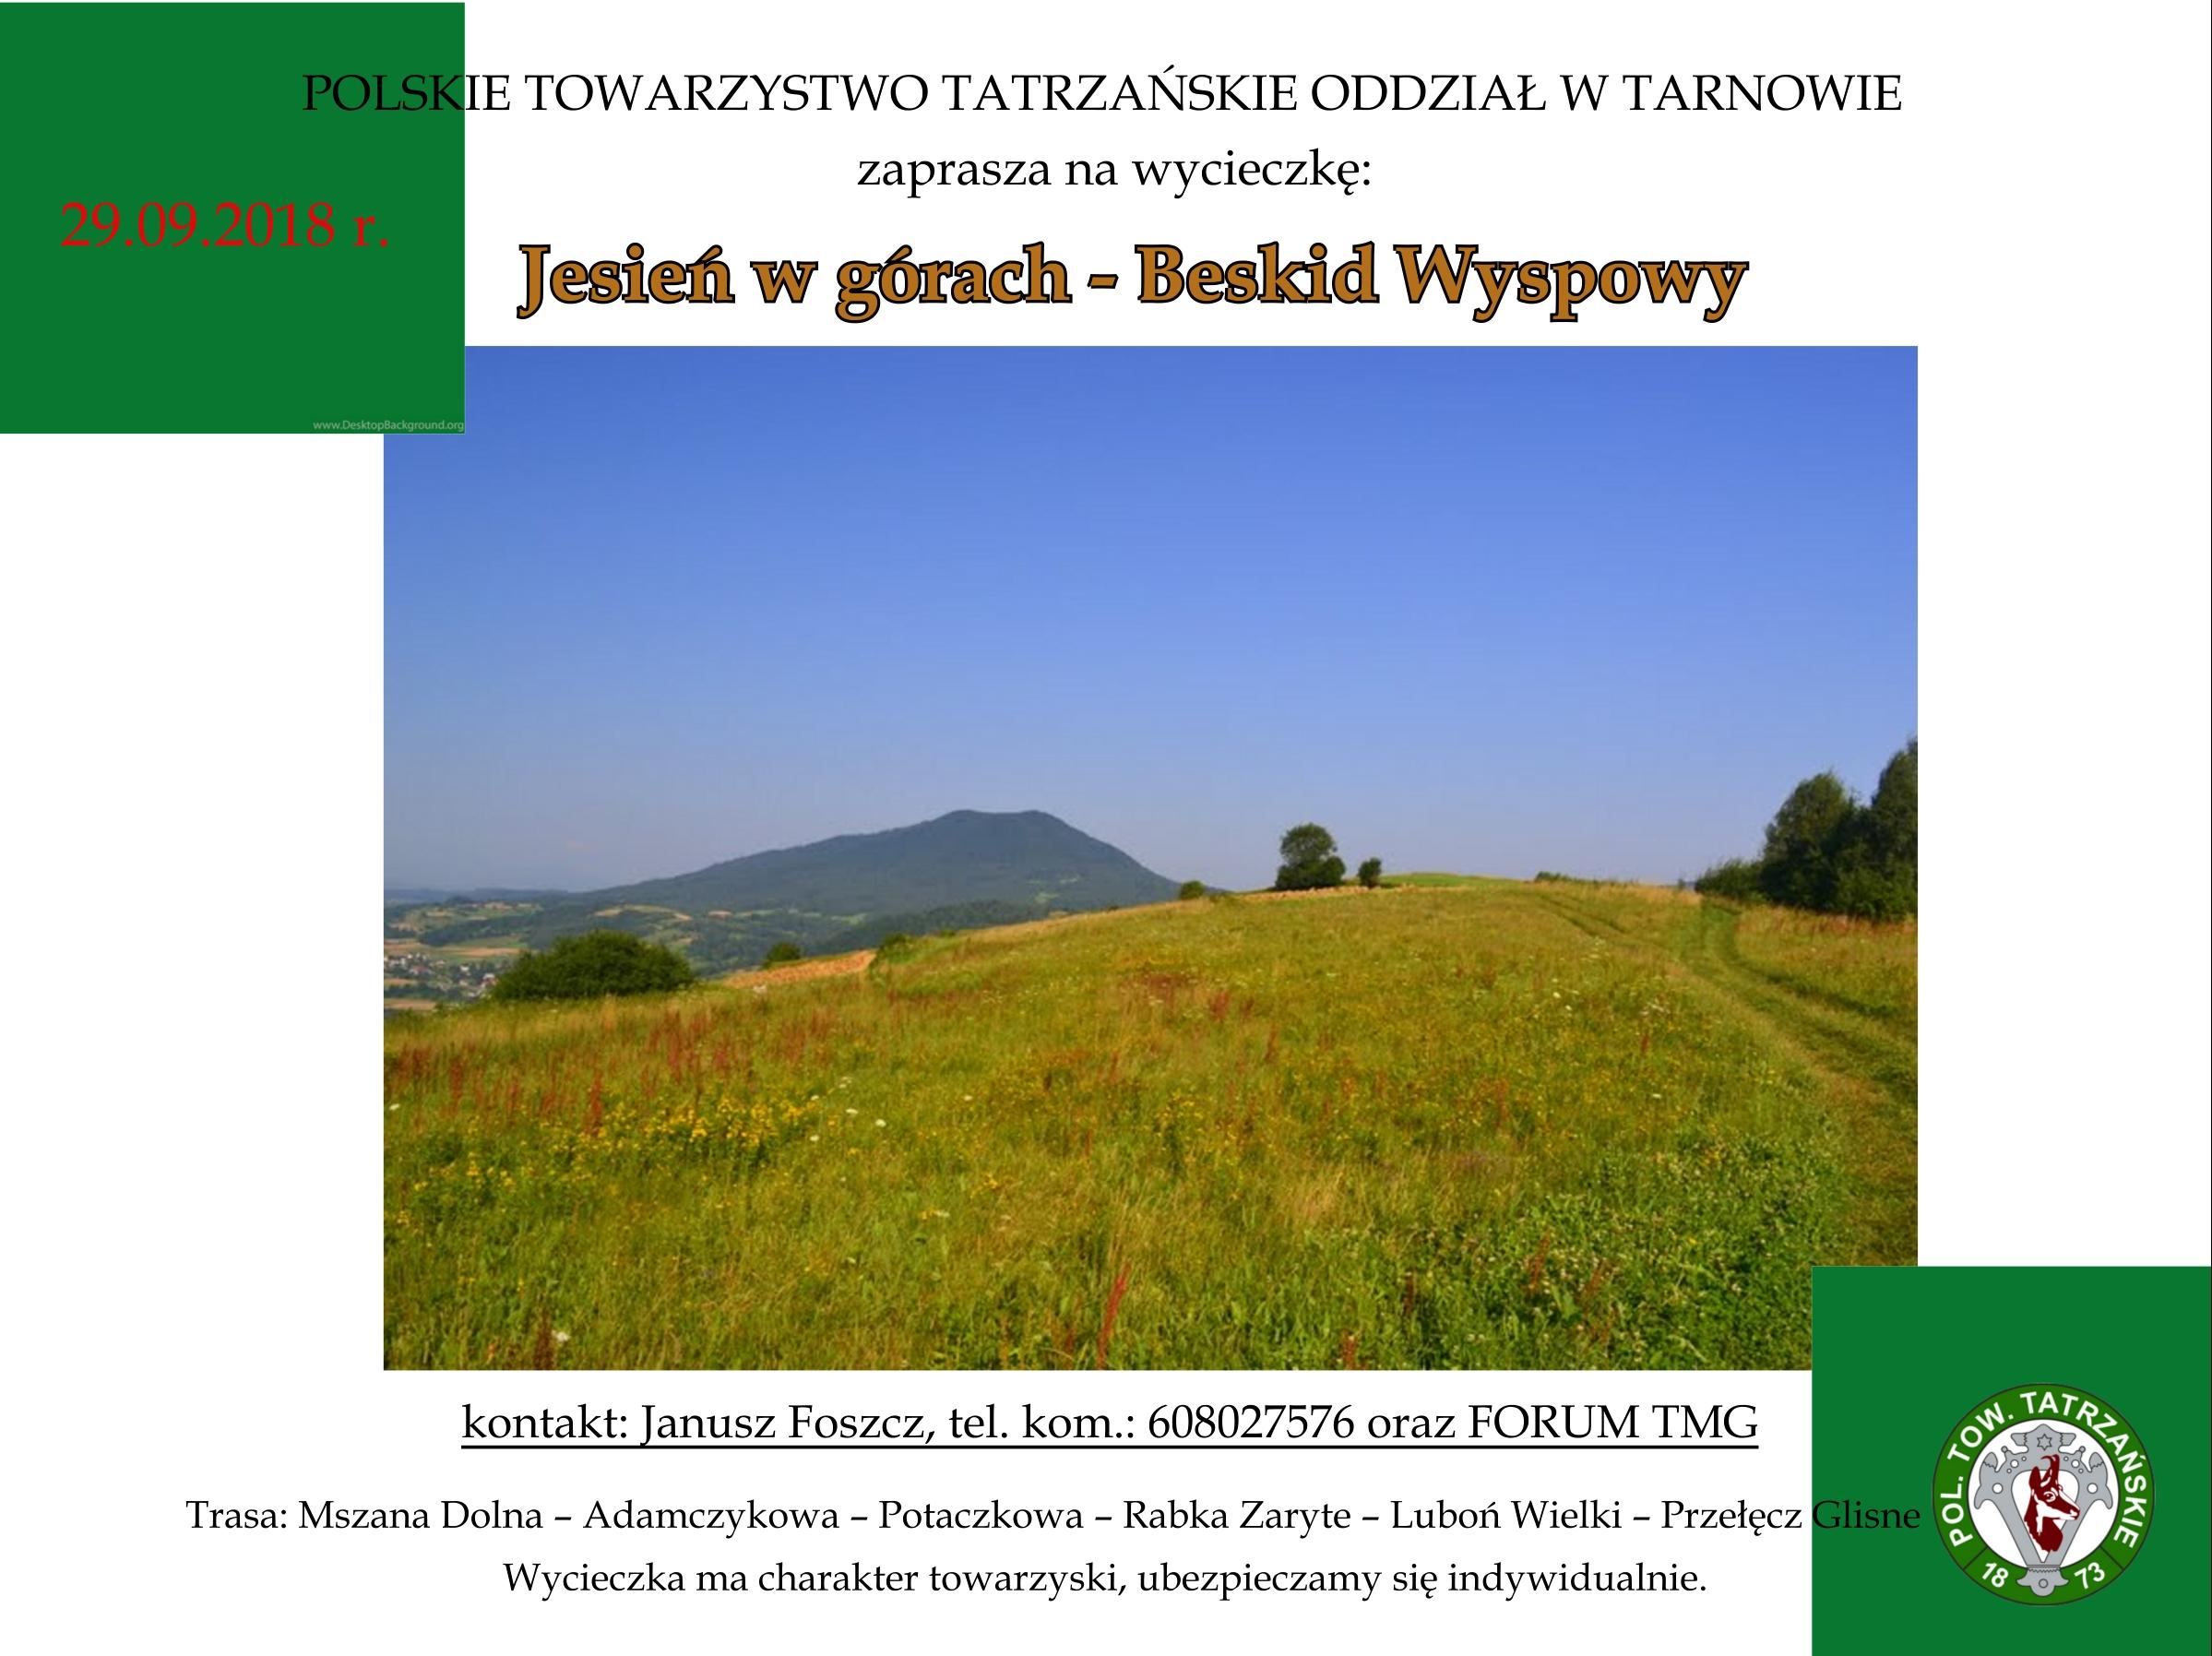 5cdfa62abbc3b6 Polskie Towarzystwo Tatrzańskie - Oddział PTT w Tarnowie